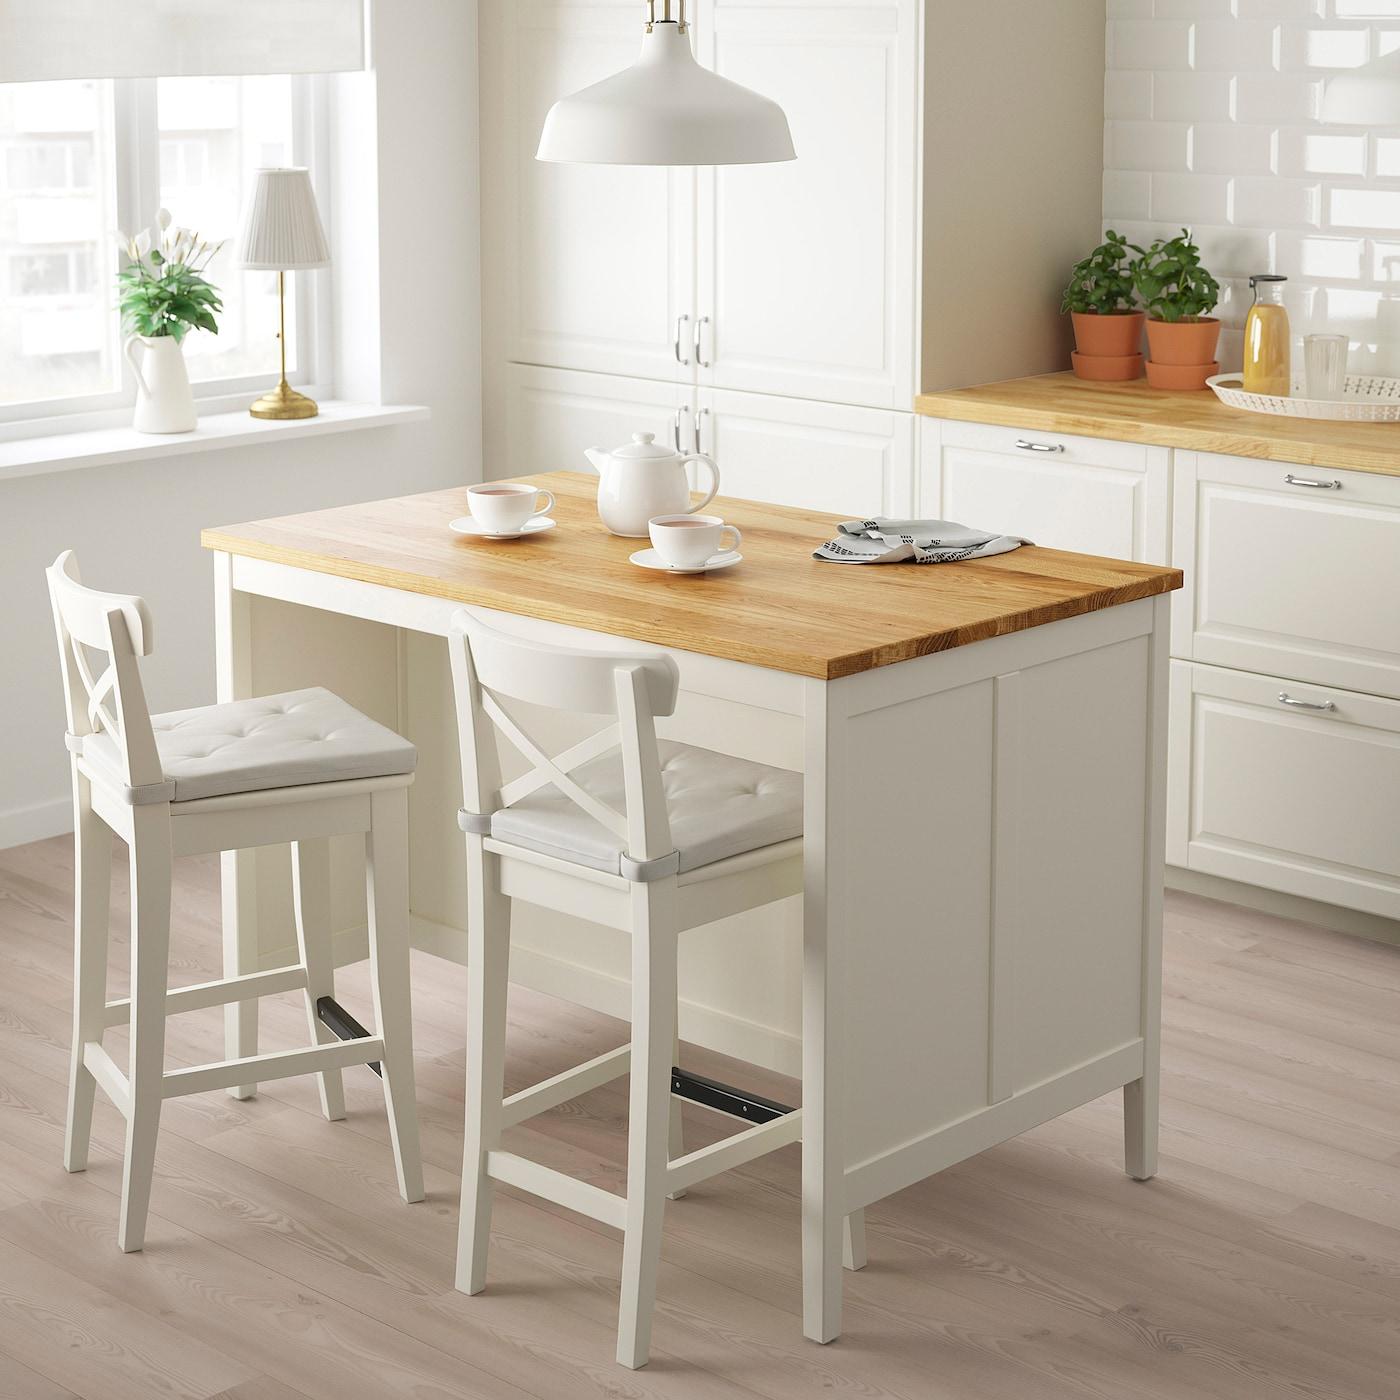 TORNVIKEN Îlot pour cuisine, blanc cassé/chêne, 126x77 cm